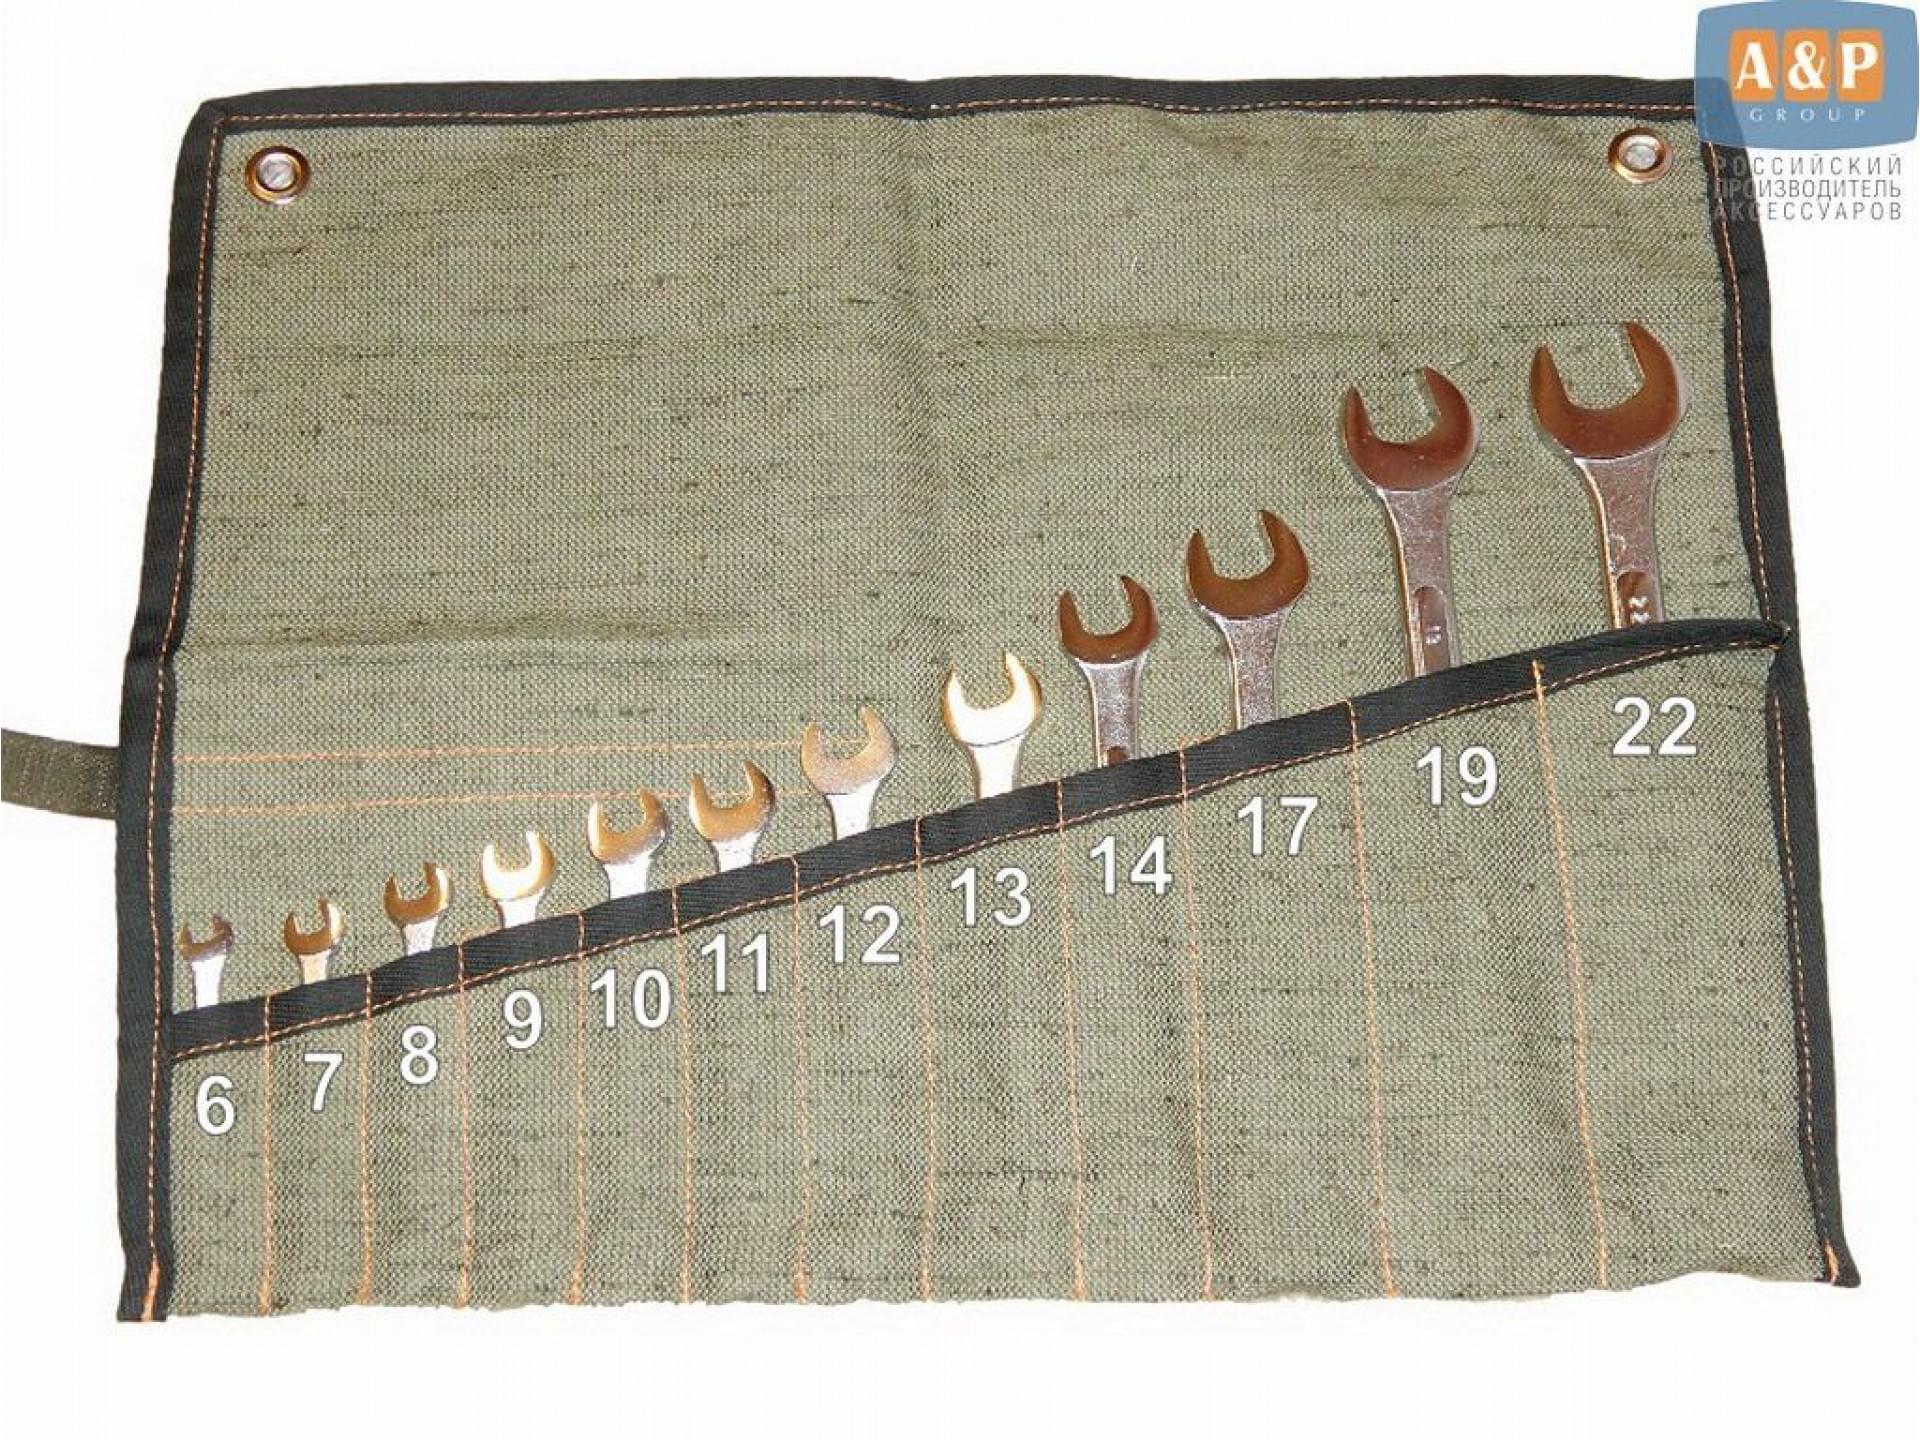 Сумка-скрутка для рожковых (накидных, гаечных, комбинированных) ключей 6-22 мм (12 предметов). Материал: брезент.